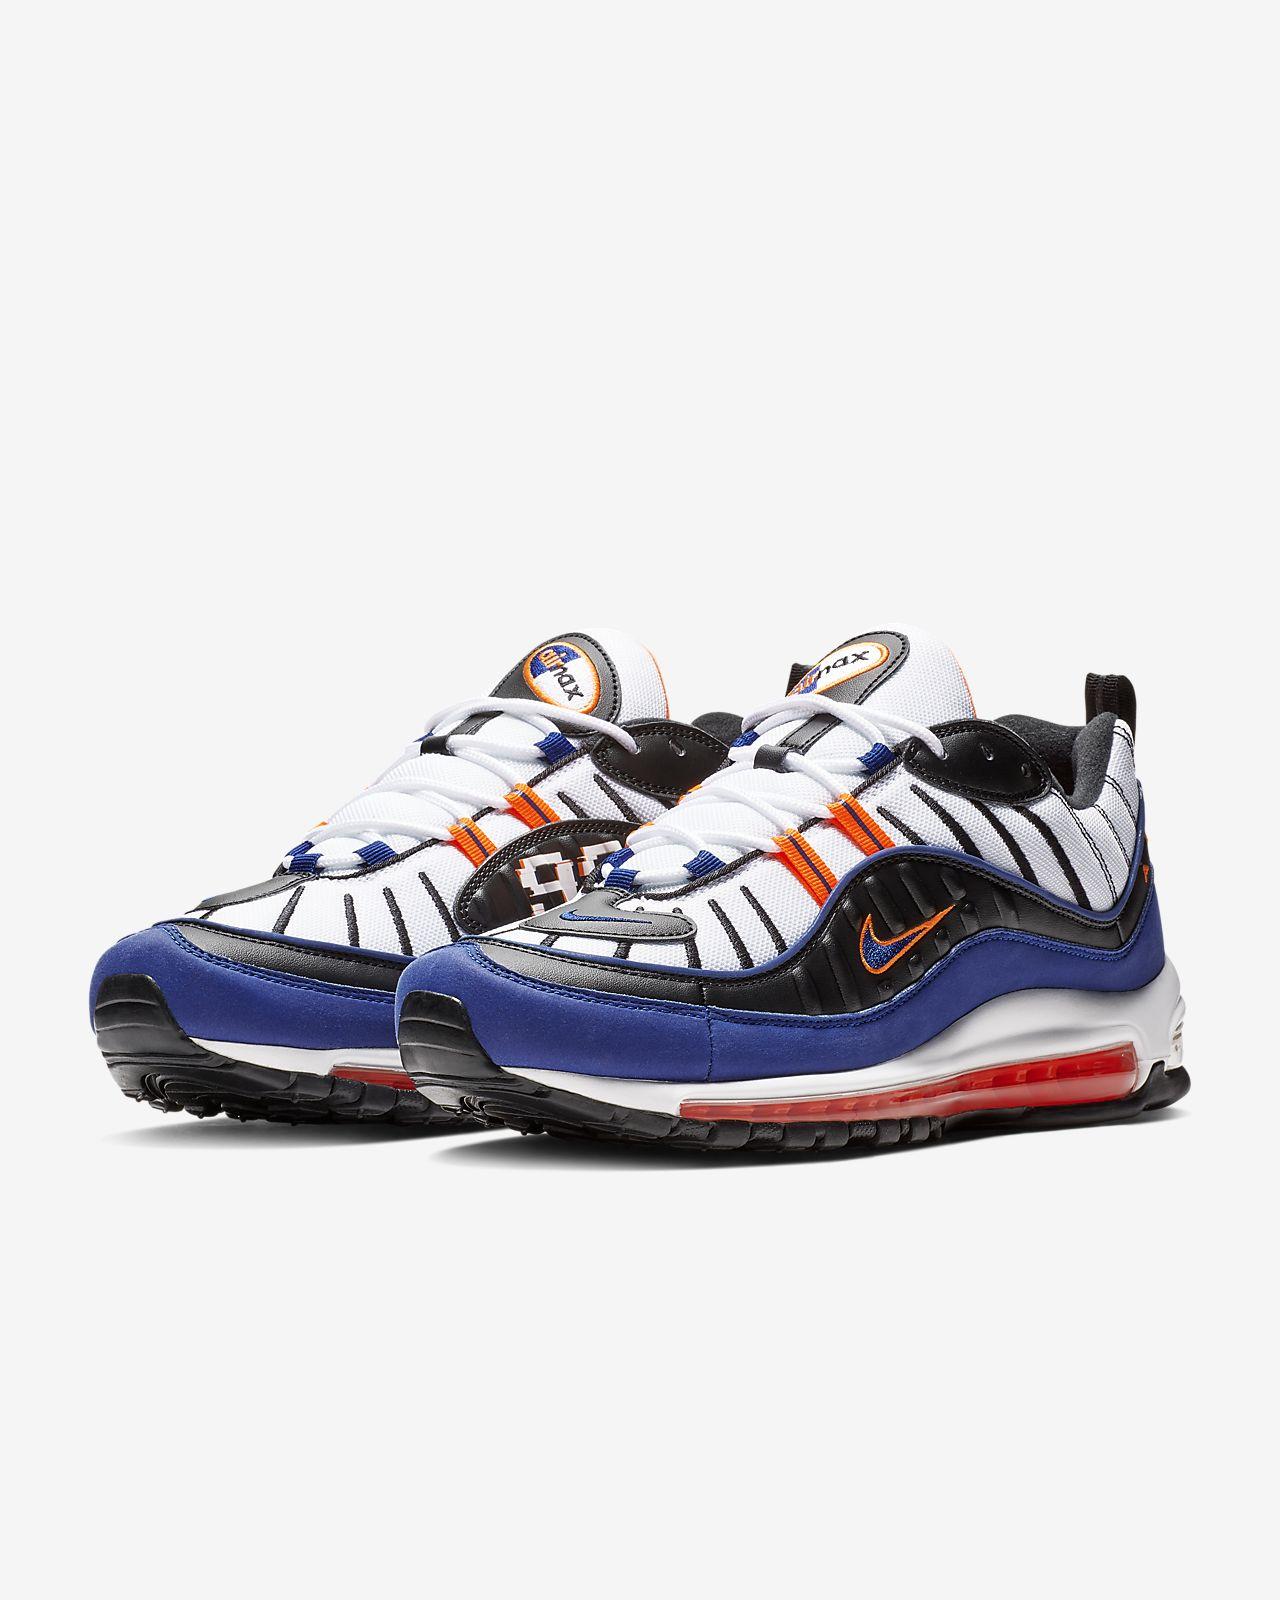 100% authentic b077d 9599a ... Sko Nike Air Max 98 för män